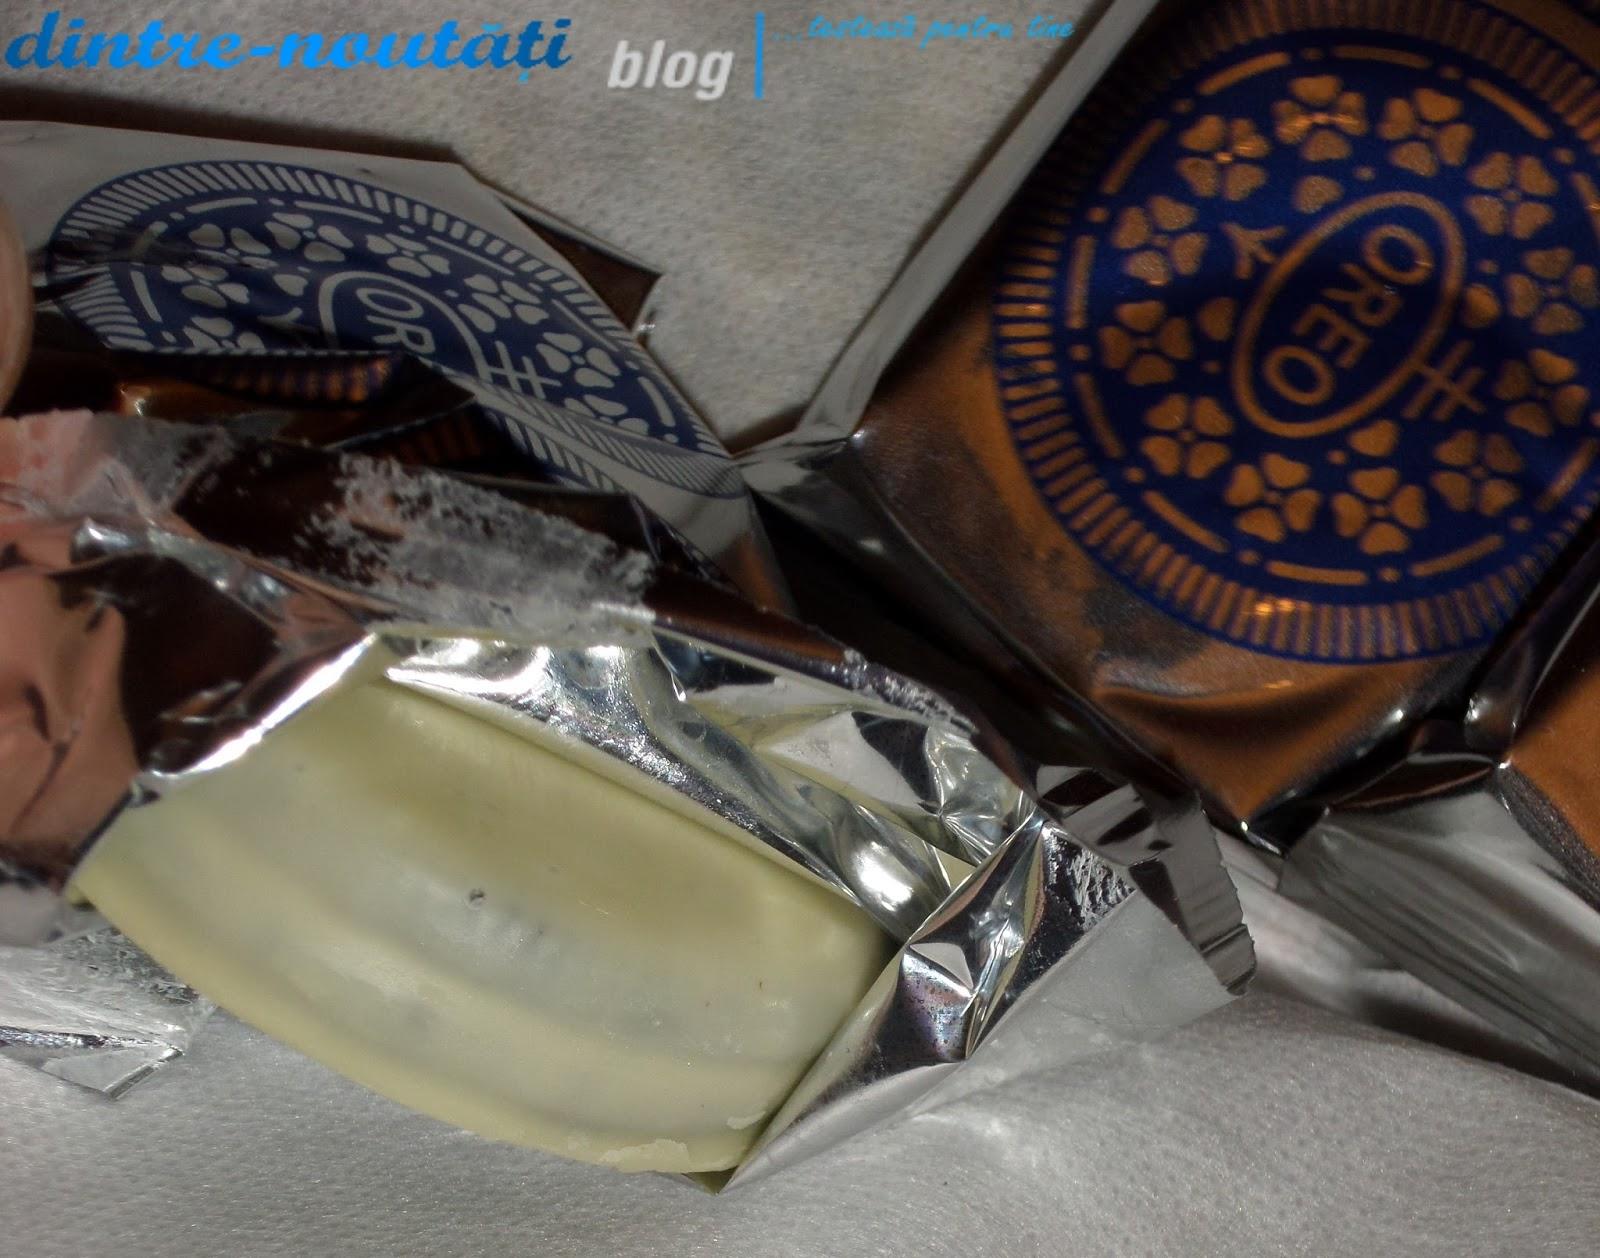 Biscuiți glazurați cu ciocolată albă (43%), aromă de ciocolată (38%) și umplutură cremă de vanilie (19%)